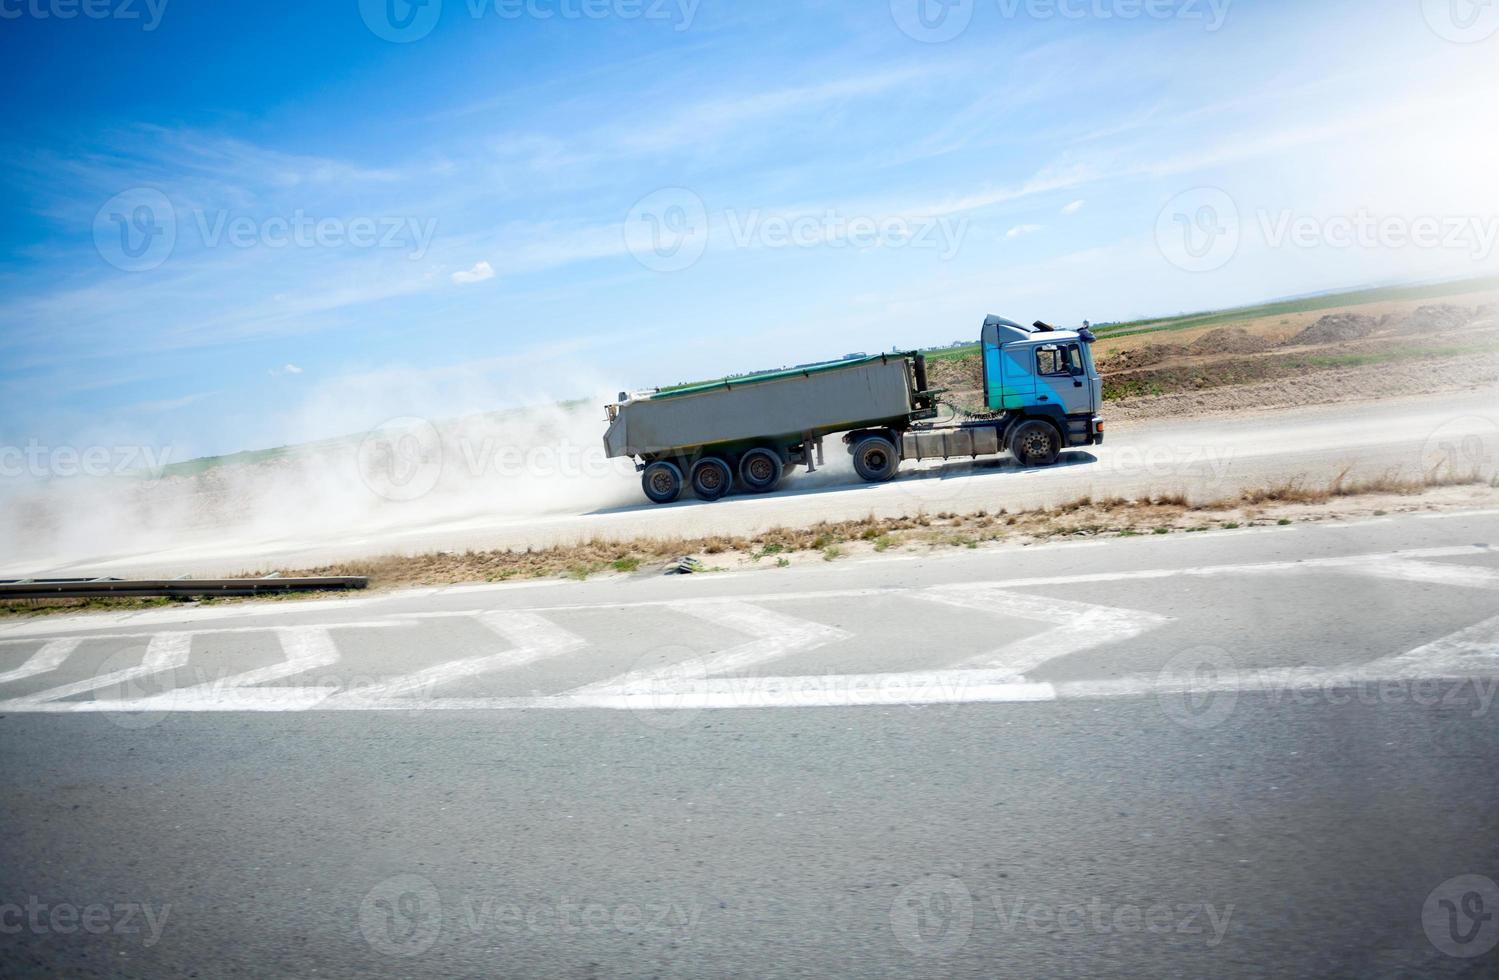 caminhão na colina iniciar estrada transporte de carga foto